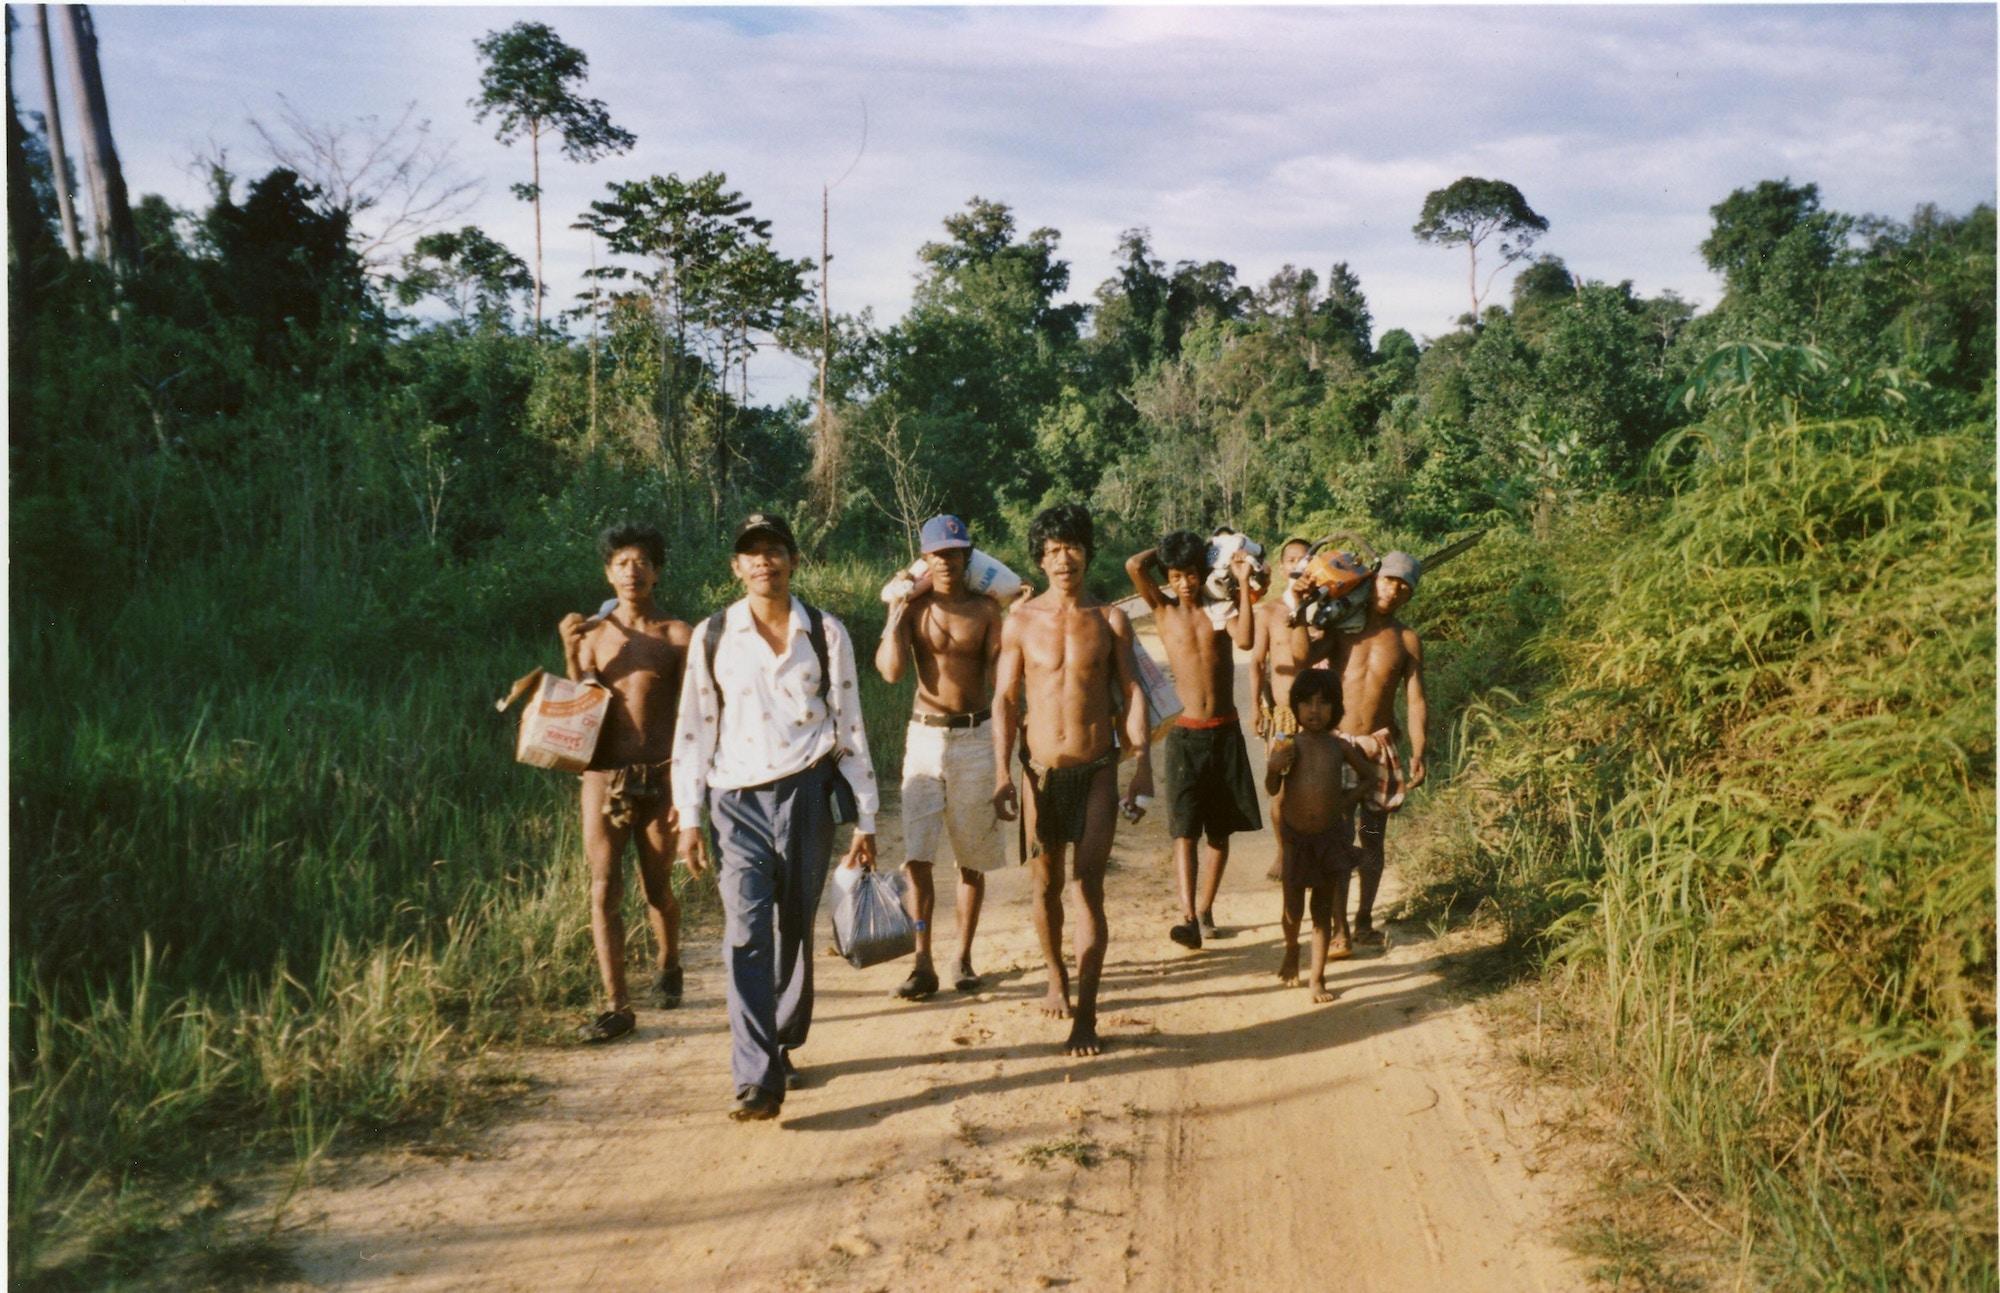 13 Kubugruppe pa vei2001